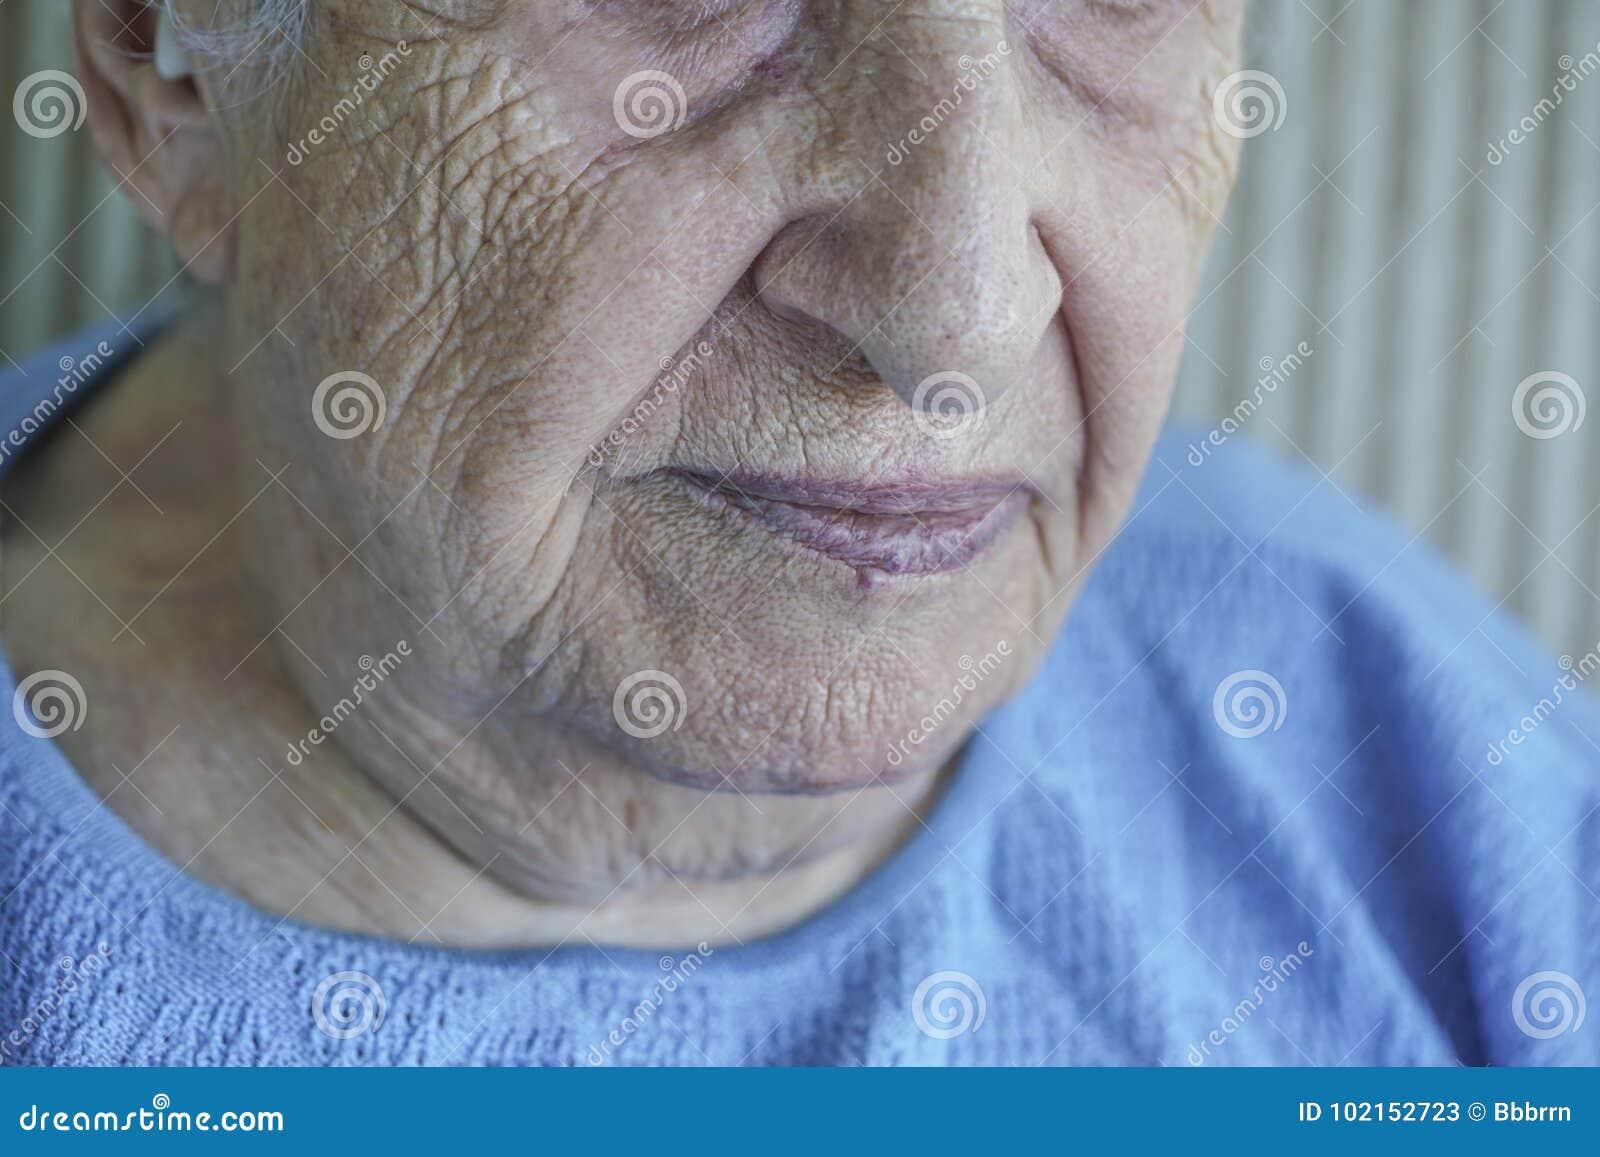 Closeup face of a senior person